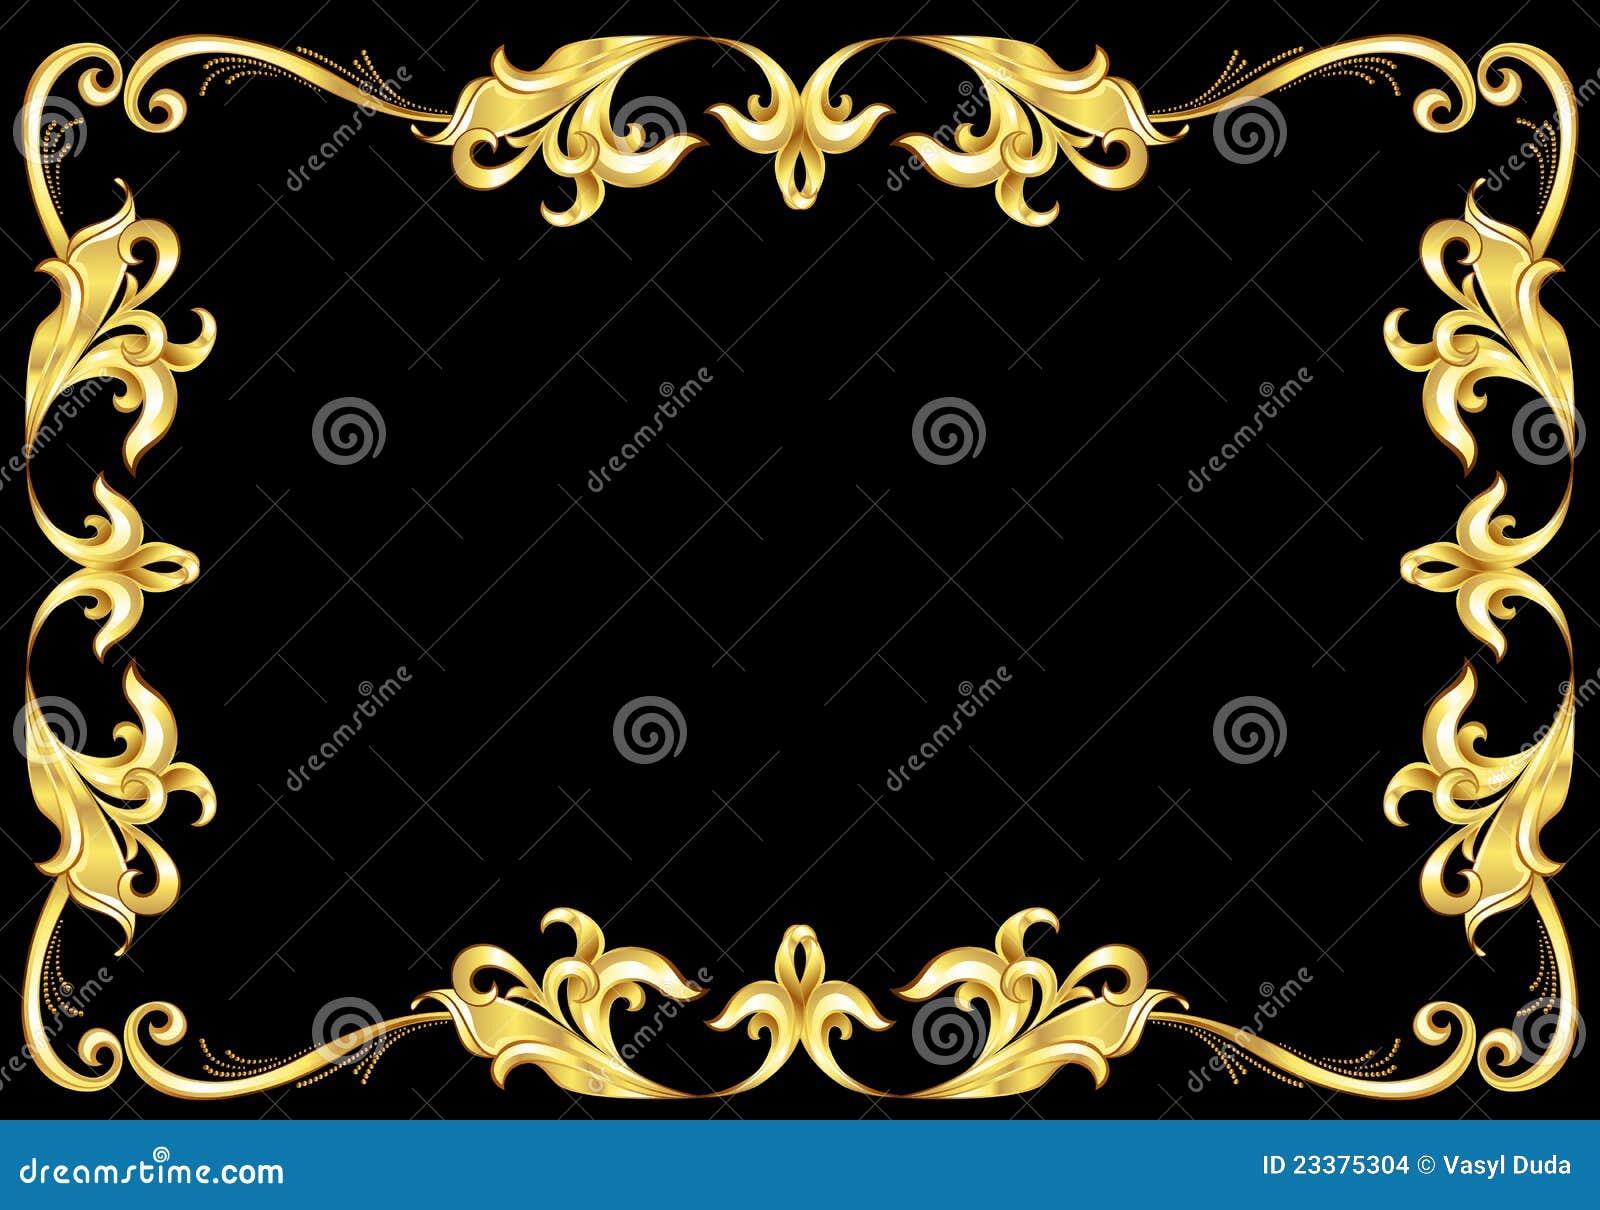 Marco abstracto del oro.